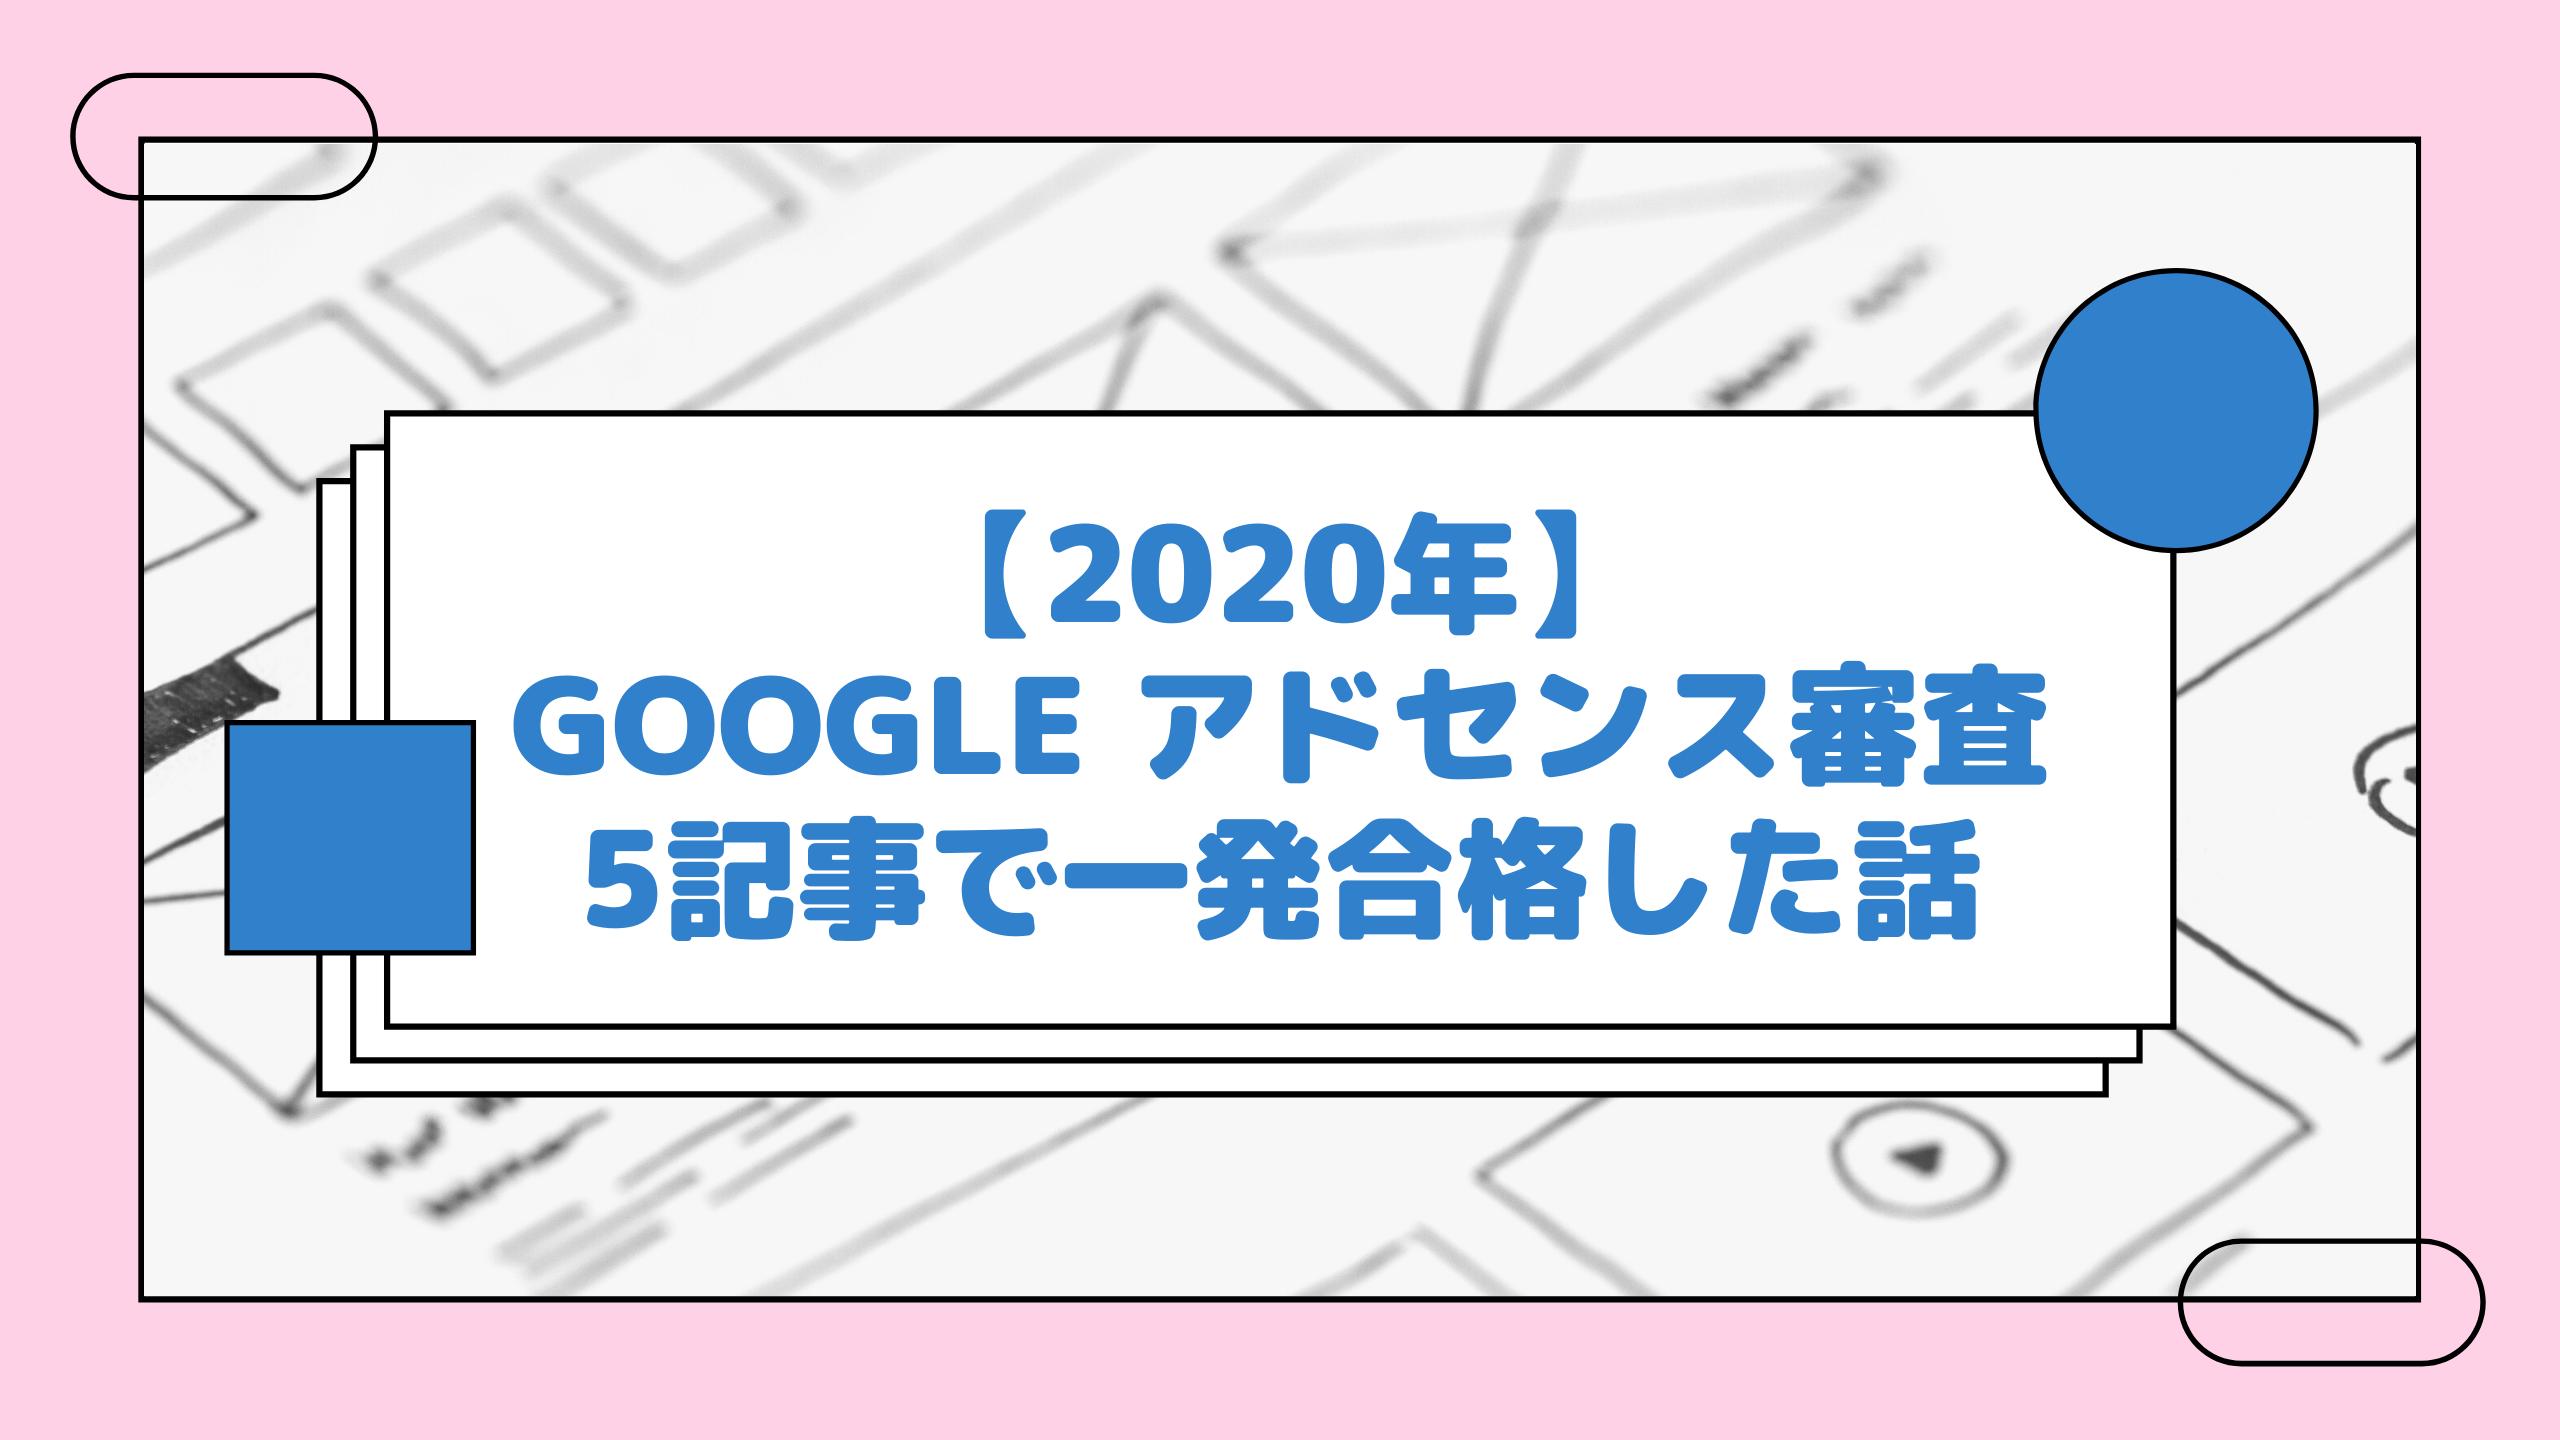 2020 アドセンス審査